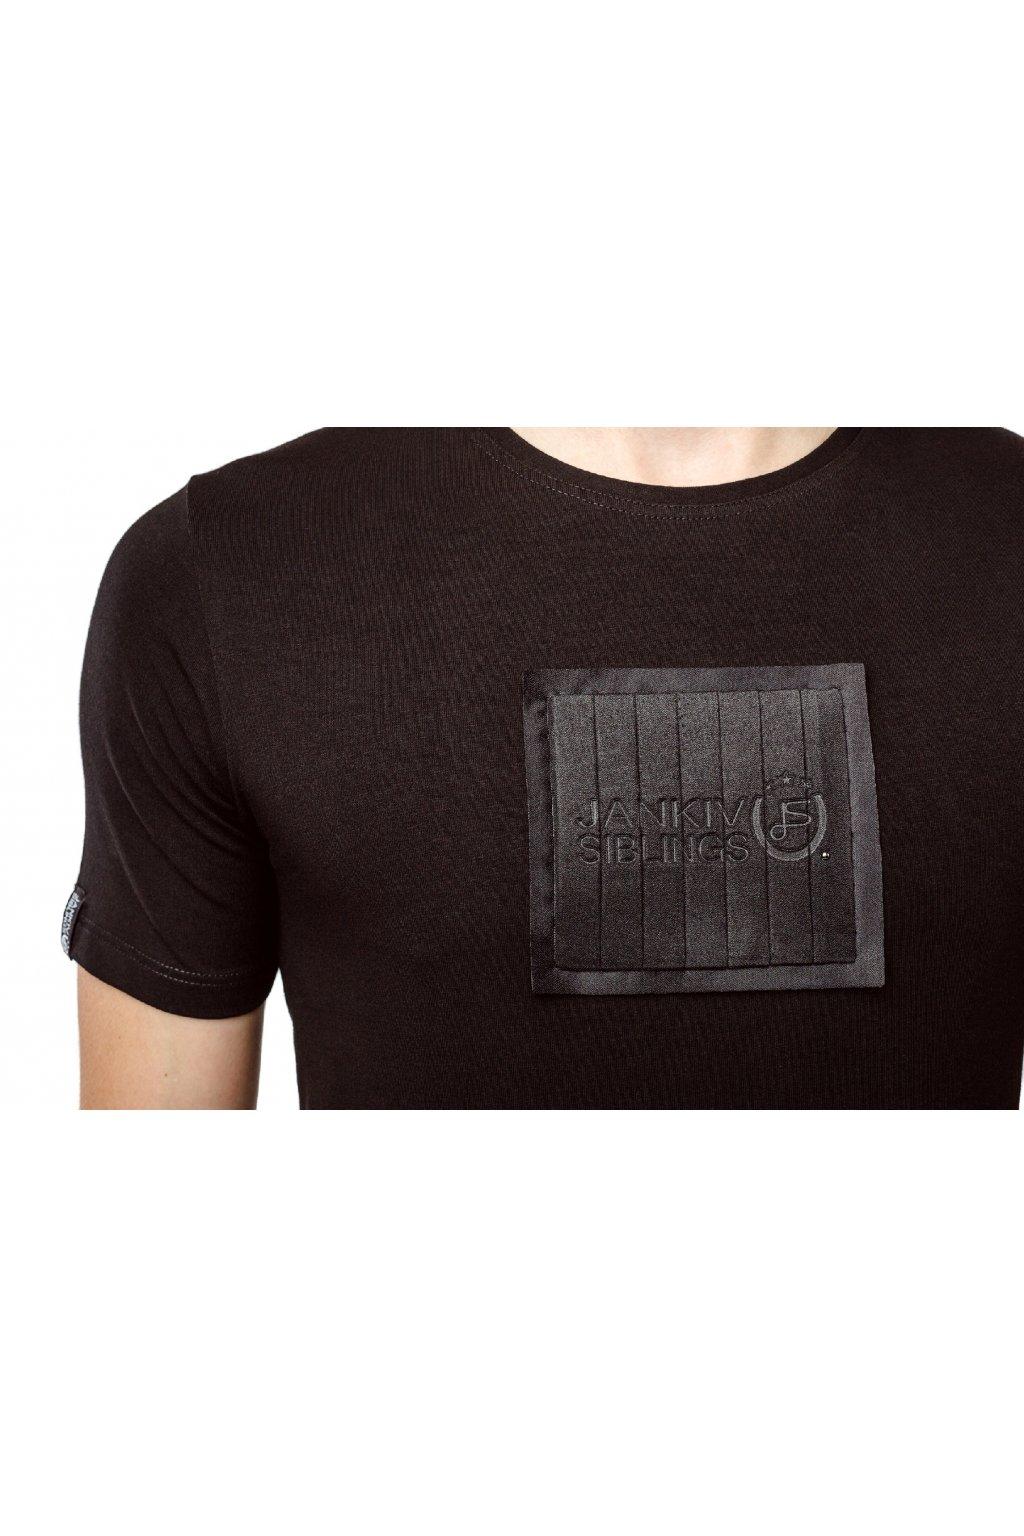 pánske tričko, unisex tričko, dámske tričko, plisované tričko, frajerské tričko, plissé, tričko jankiv siblings, jankiv siblings, čierne tričko, black tees, black t-shirt, triko, plisované tričko, ručné plissé, navy, maskáč, fitness tričko, fitness tees, fitness t-shirt, made in slovakia, muž, muži, men, mens, detail, gift, darček, vianočný darček